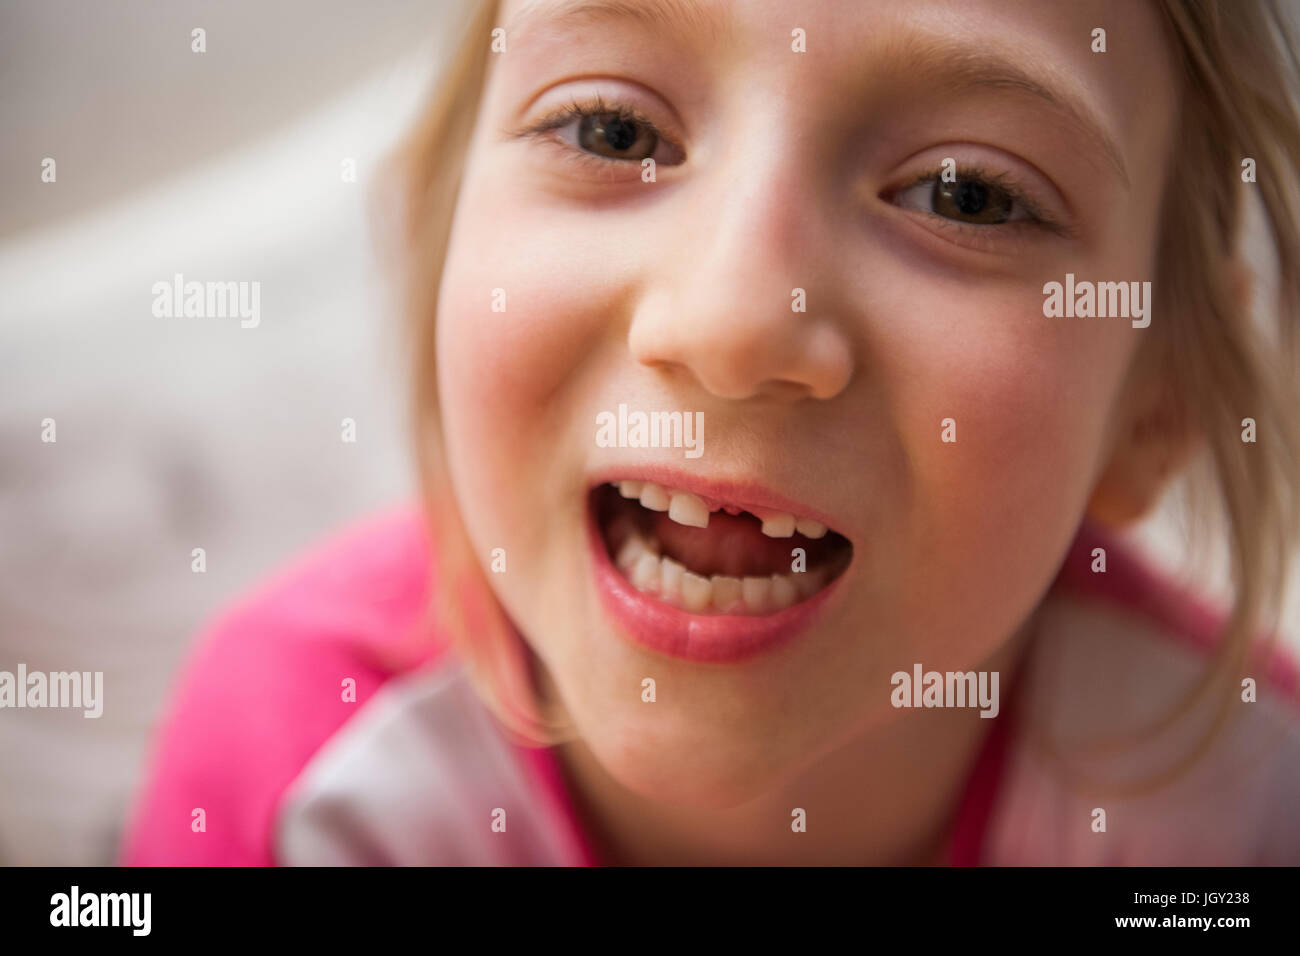 Ritratto di ragazza con dente mancante guardando la telecamera bocca aperta Foto Stock